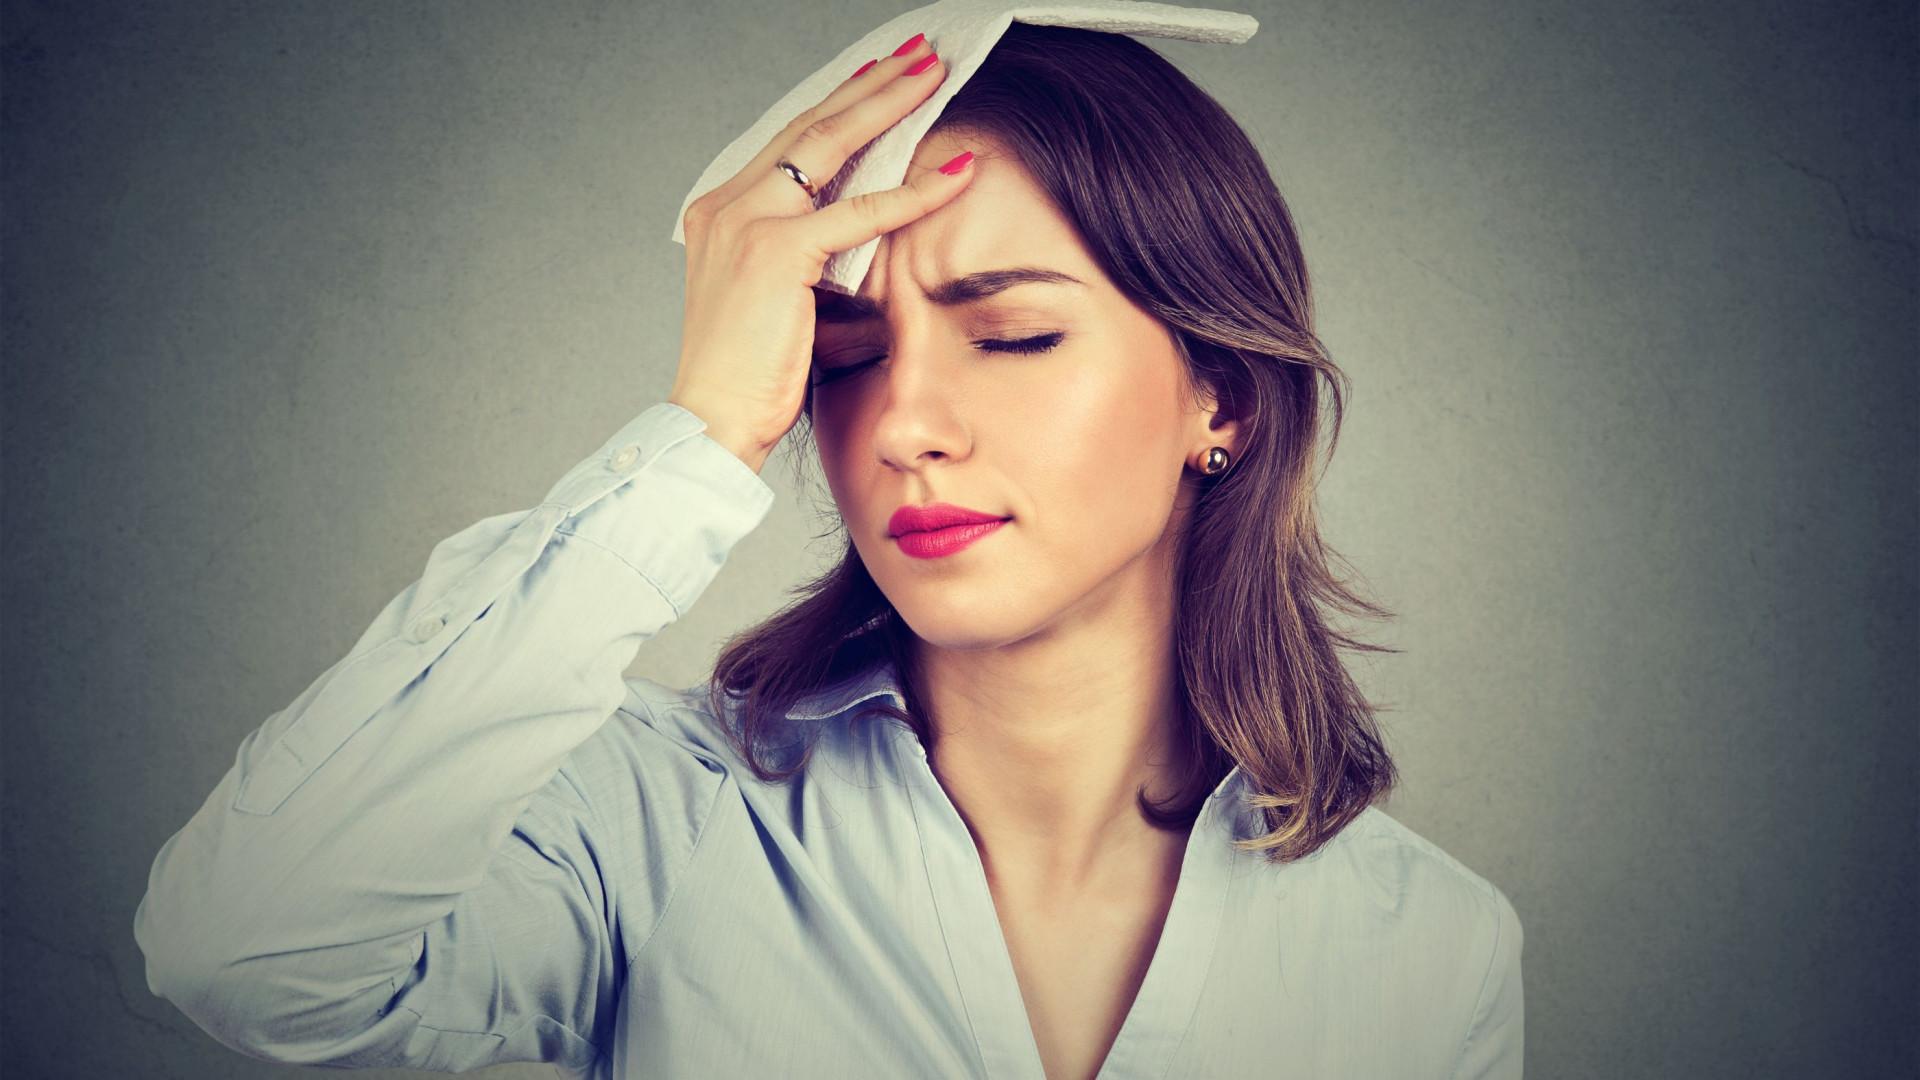 Na menopausa coma sementes de linhaça